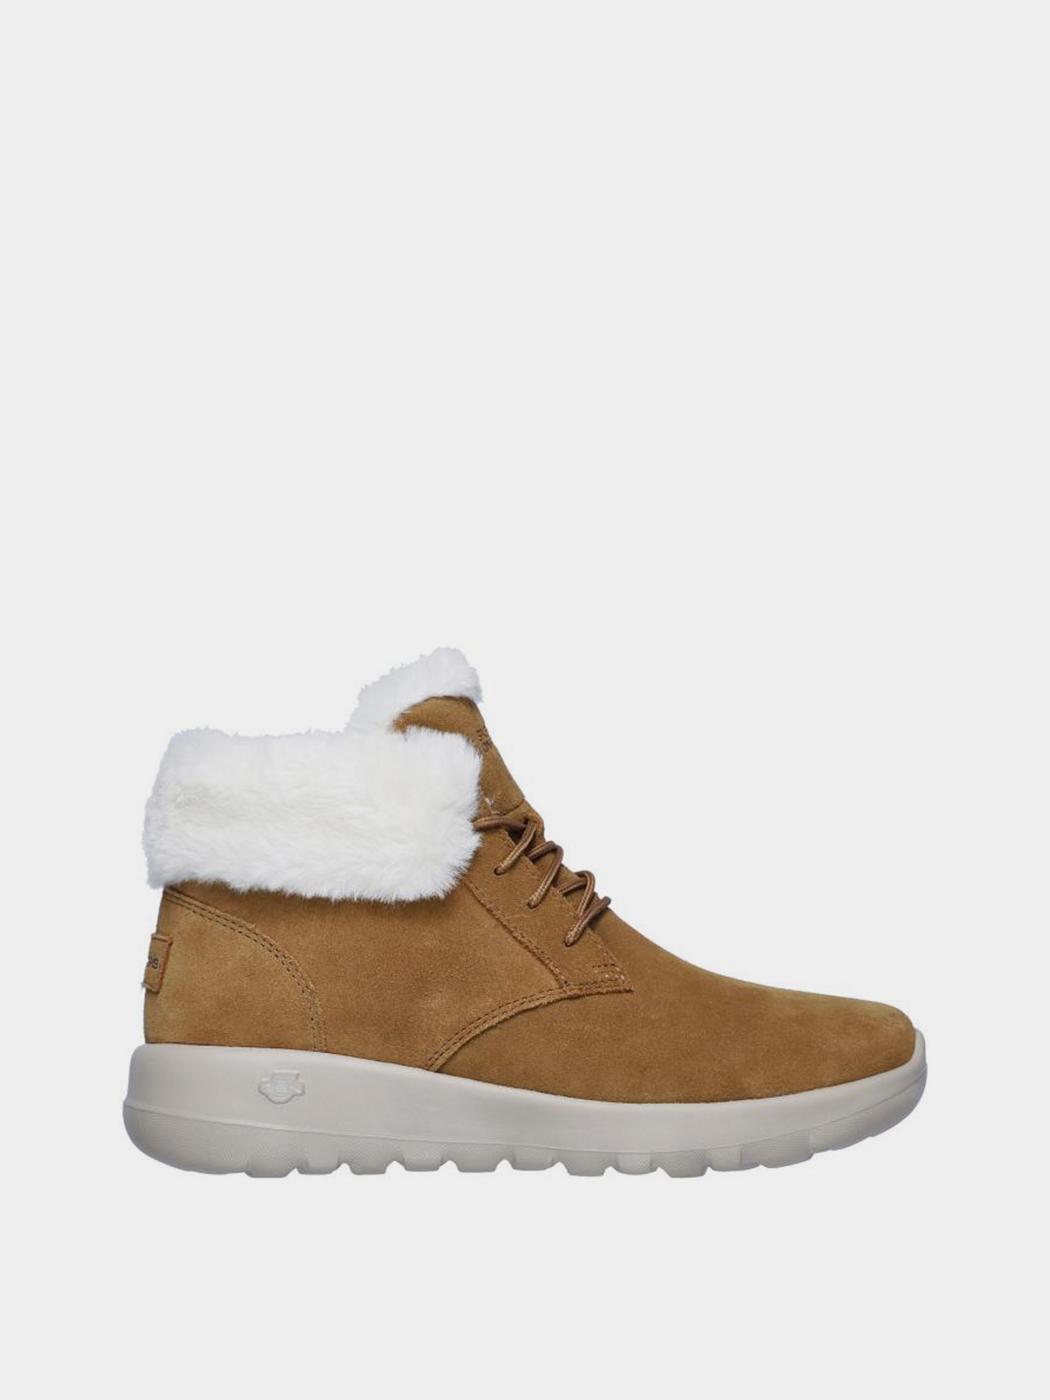 Купить Ботинки женские Skechers KW4615, Коричневый